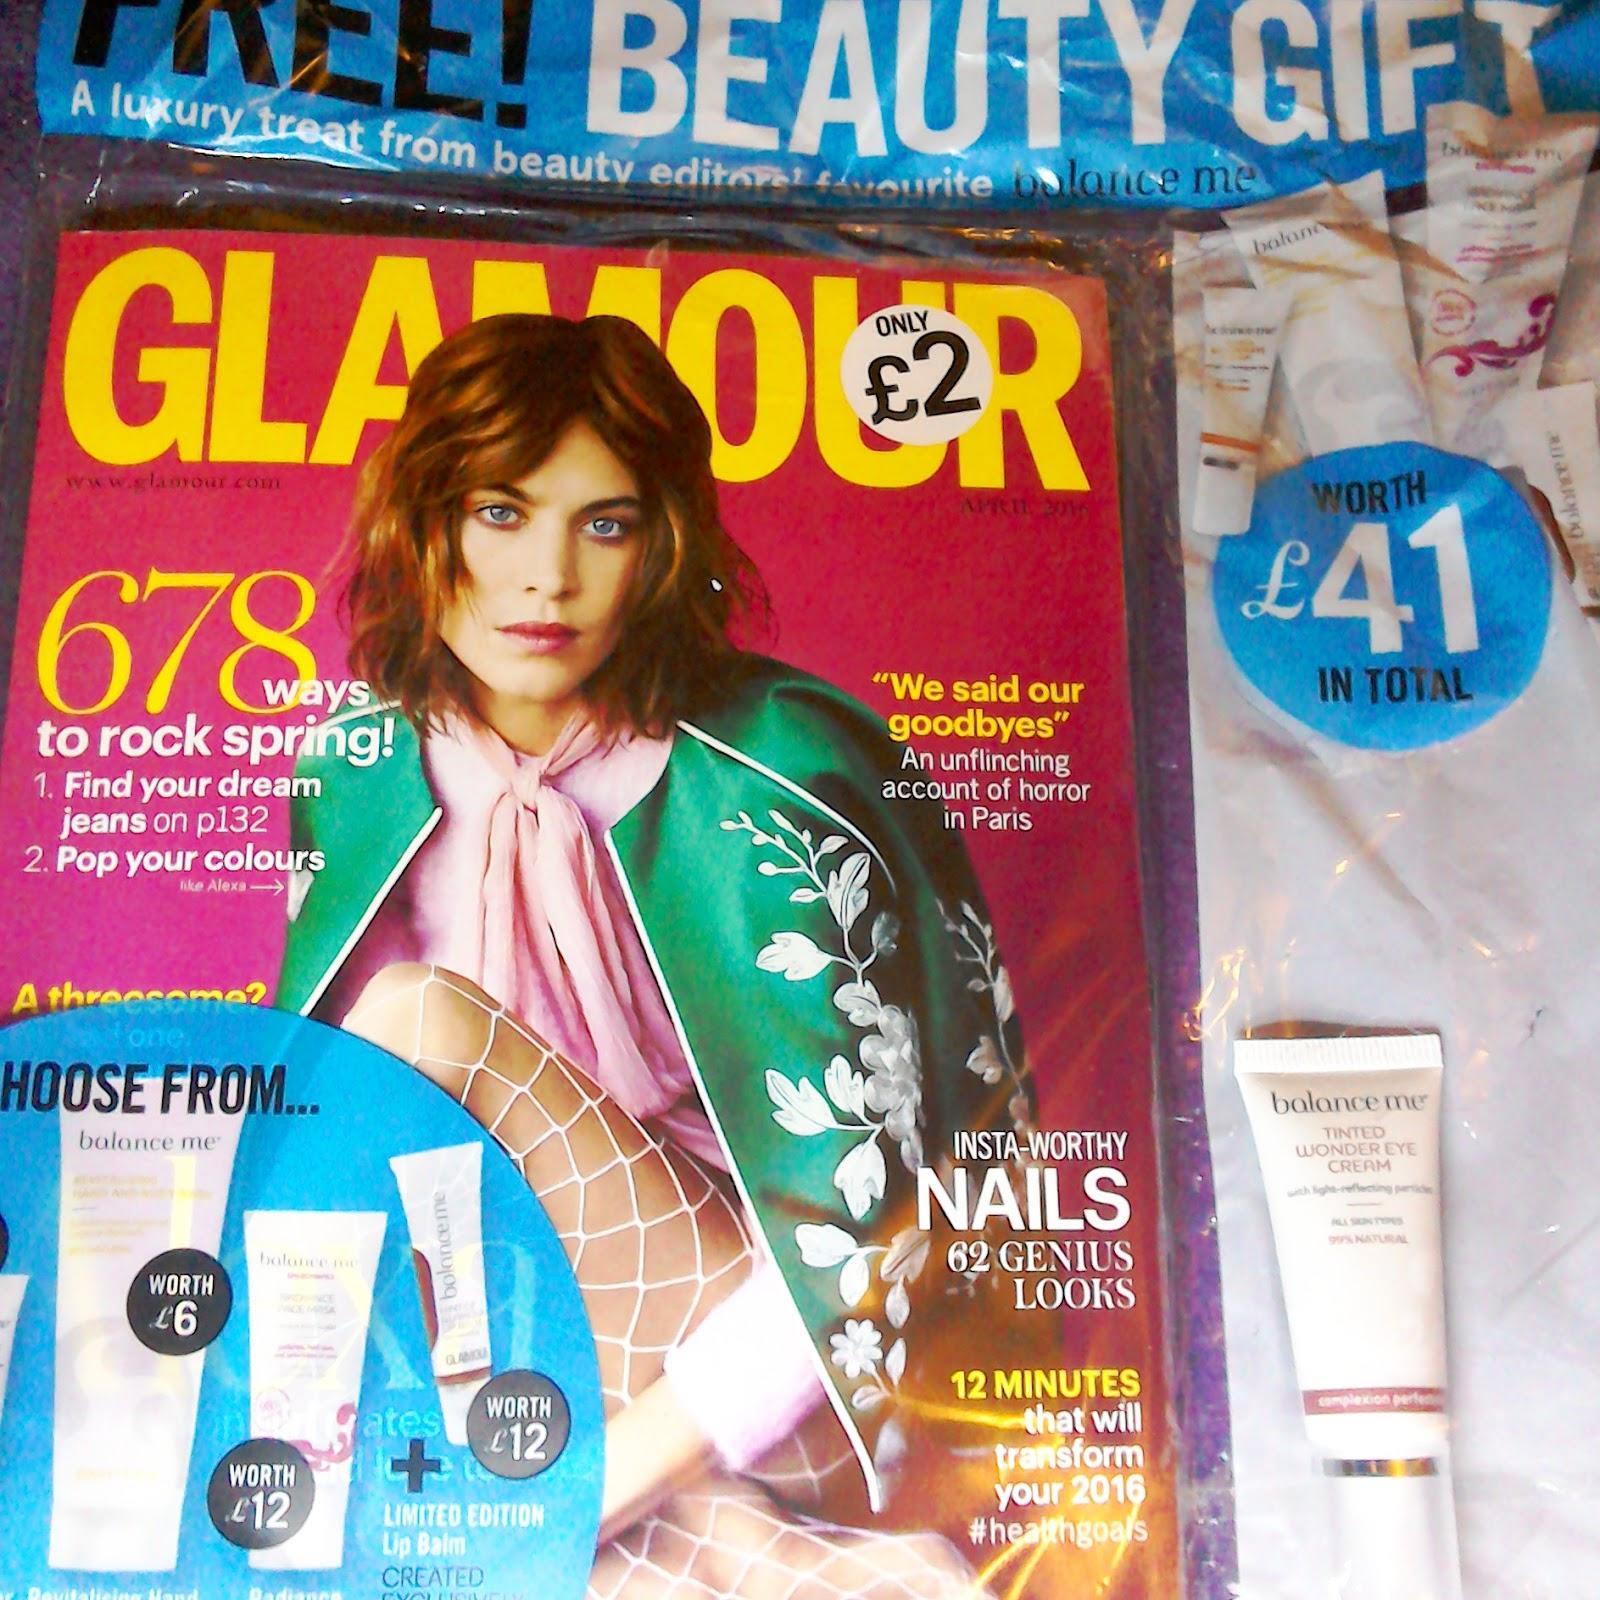 Free glamour ICLOUD LEAK galleries 70